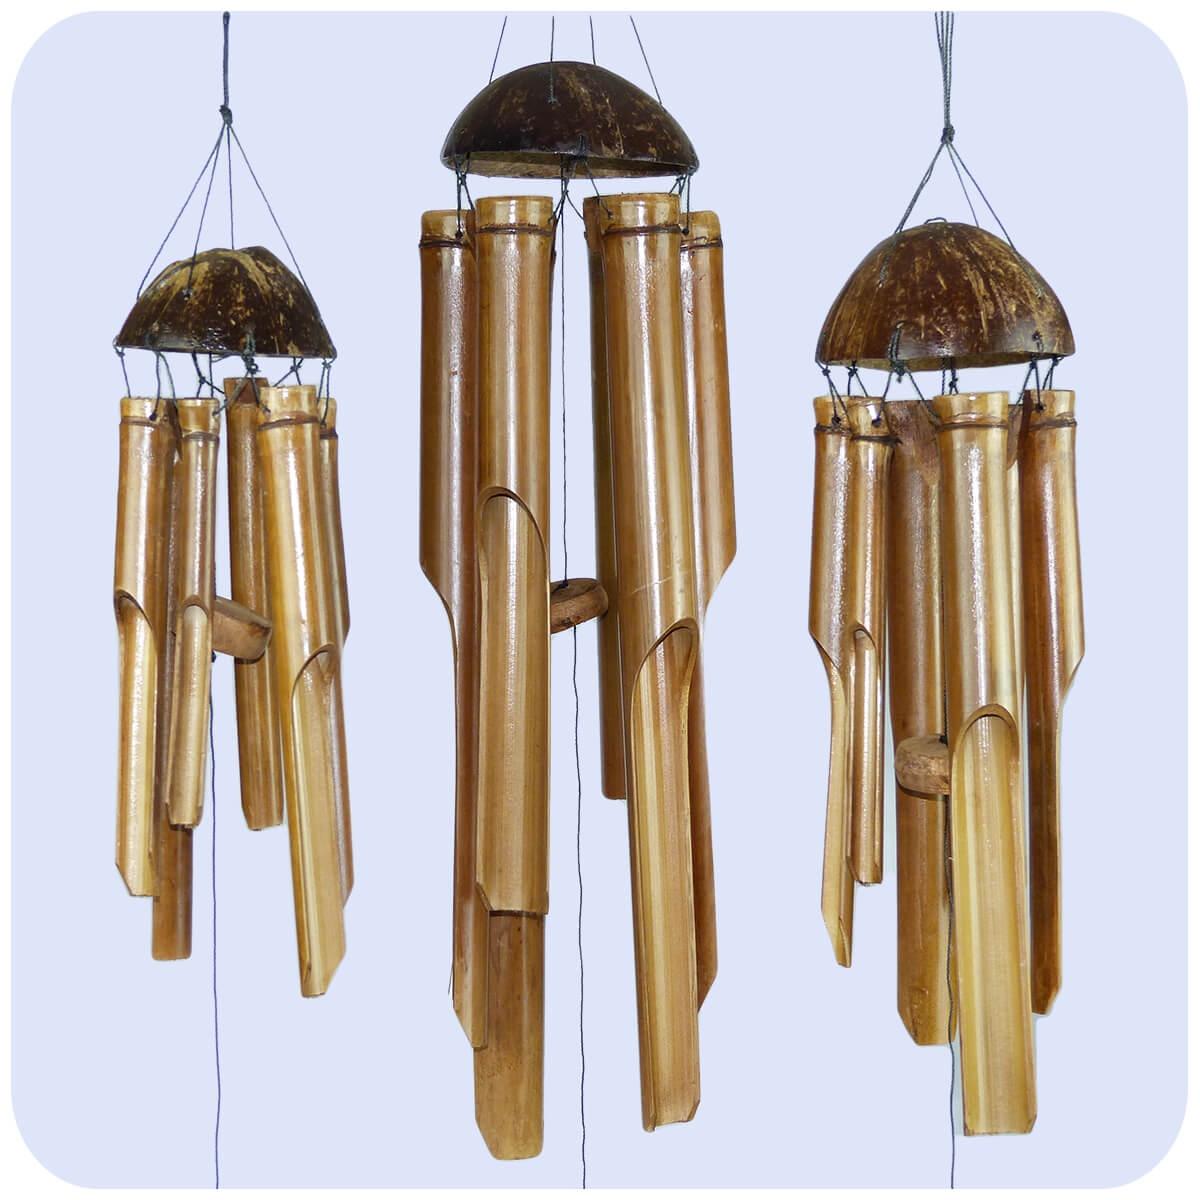 windspiel klang spiel bambus holz deko mobile klangr hren garten feng shui 3 set ebay. Black Bedroom Furniture Sets. Home Design Ideas